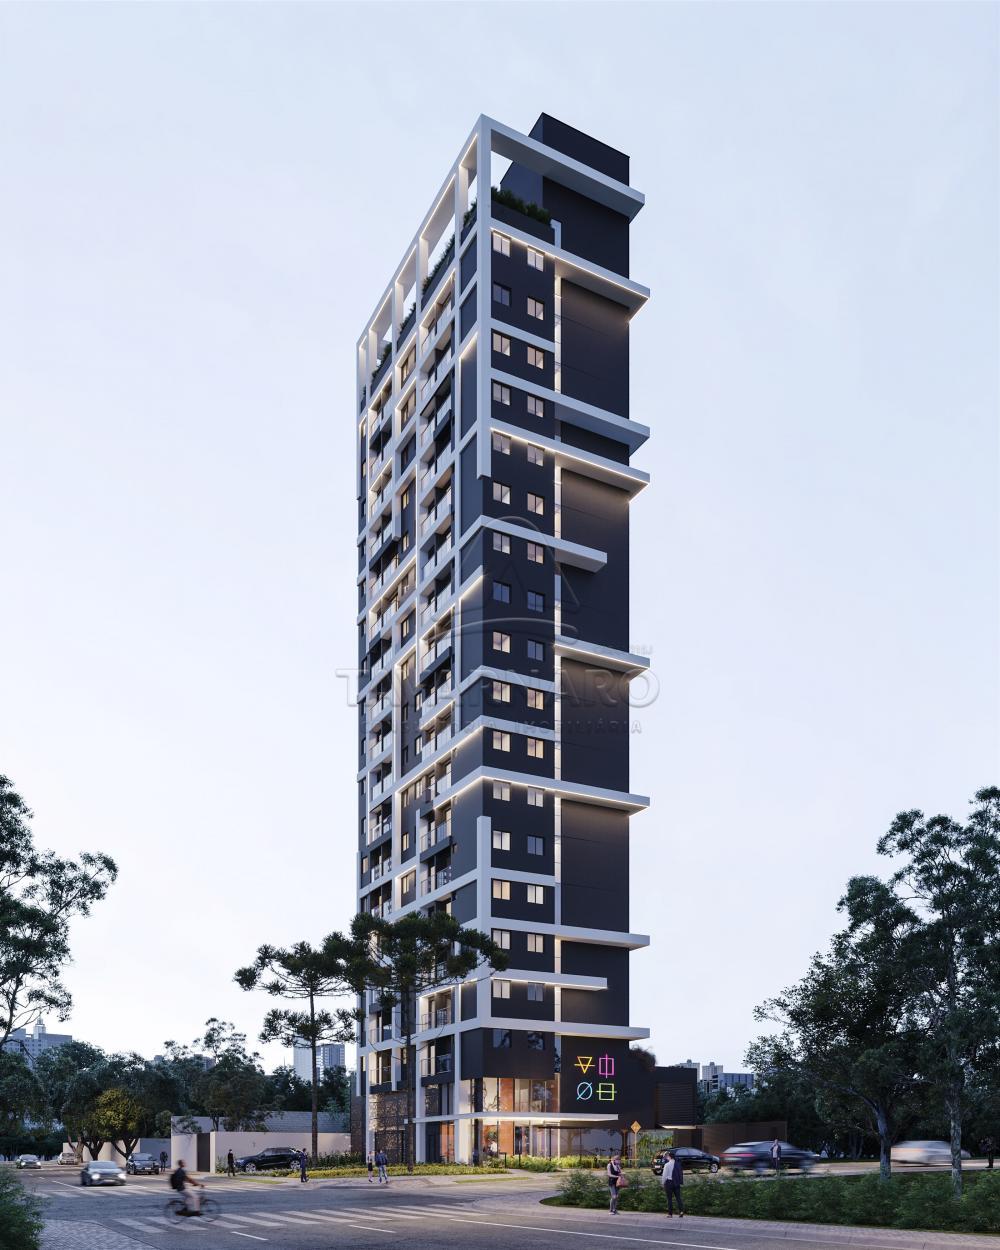 Comprar Apartamento / Padrão em Curitiba apenas R$ 297.386,88 - Foto 3